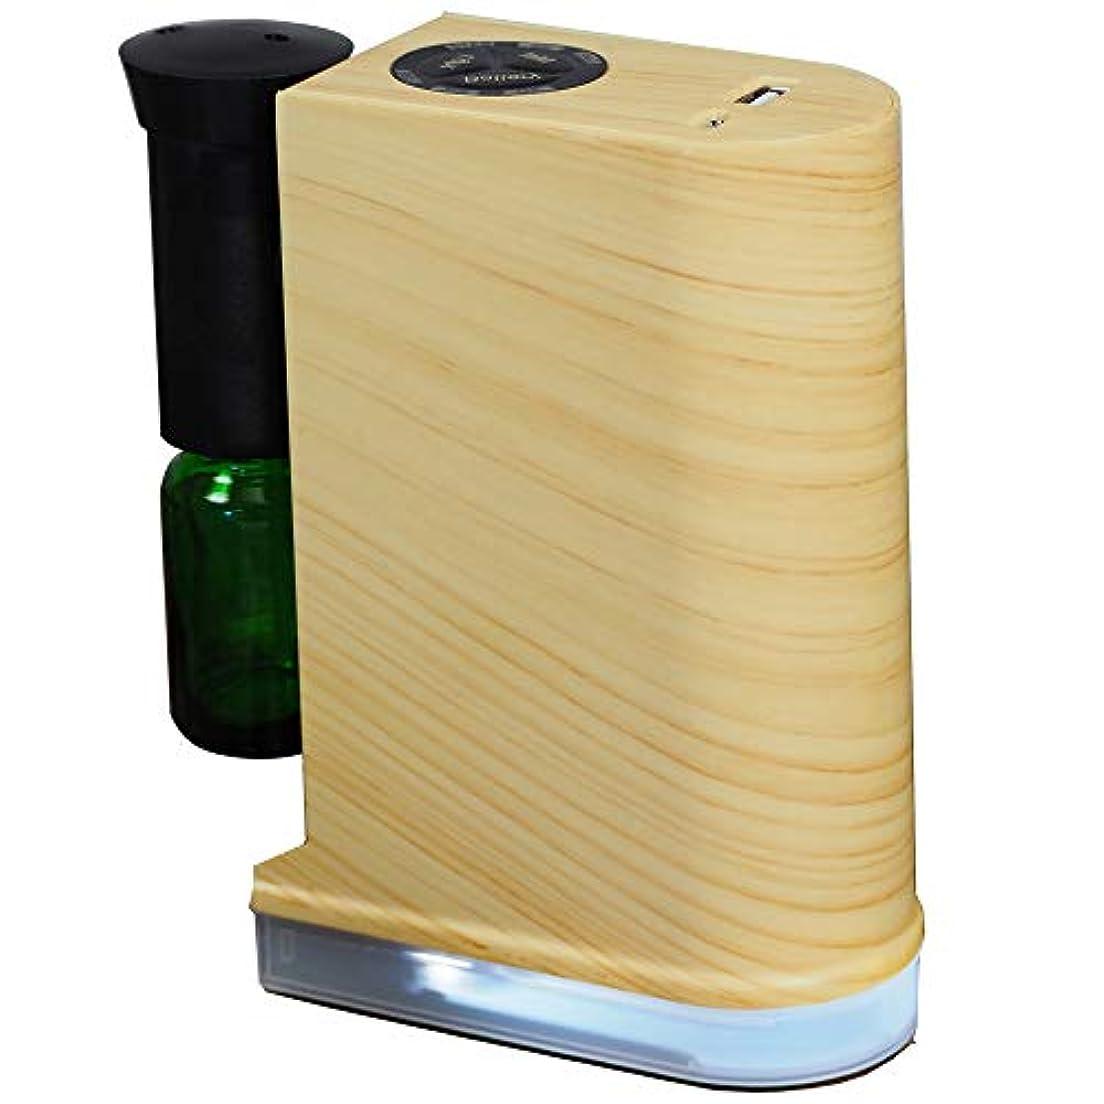 どれでも論理ぐったり精油用 ネブライザー式 アロマディフューザー 31 LEDライト付 (カラー:ナチュラル) / ###アロマ2019ナ###